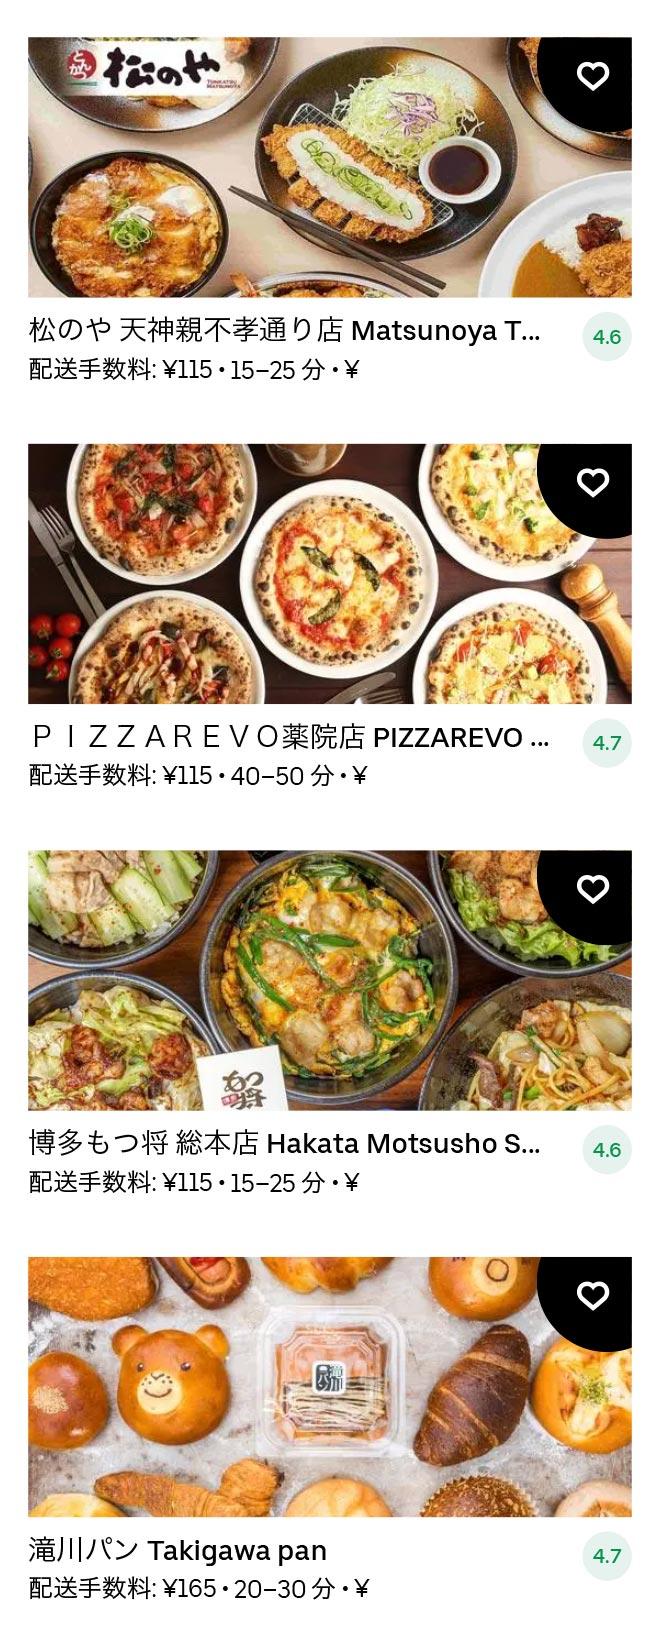 Akasaka menu 2101 11